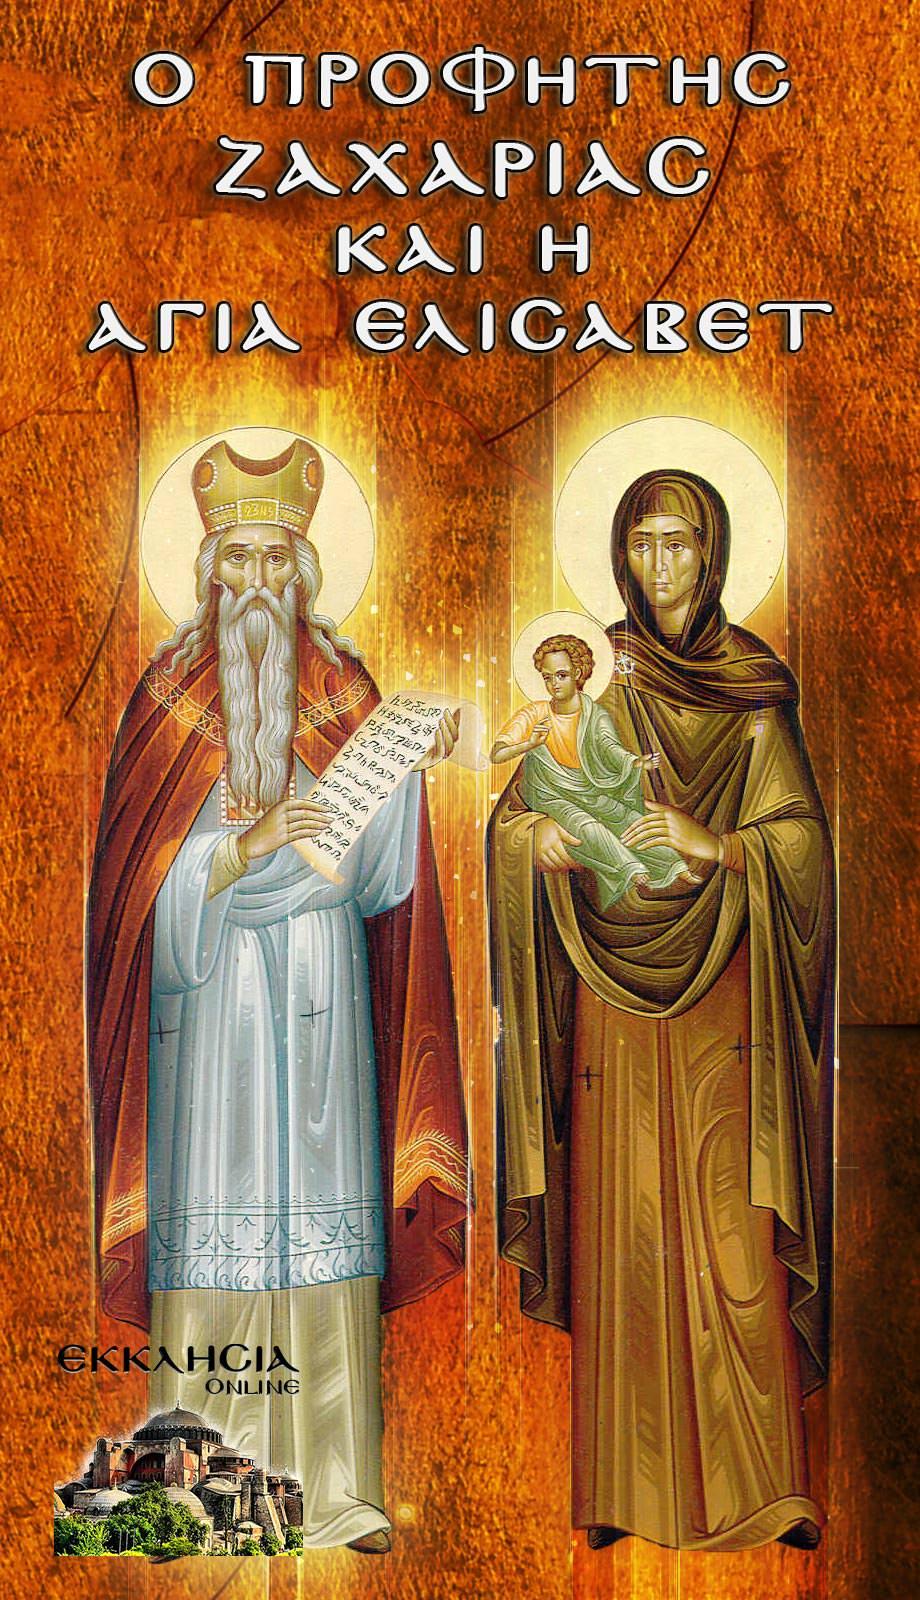 Προφήτης Ζαχαρίας και η Σύζυγός του Ελισάβετ 5 Σεπτεμβρίου